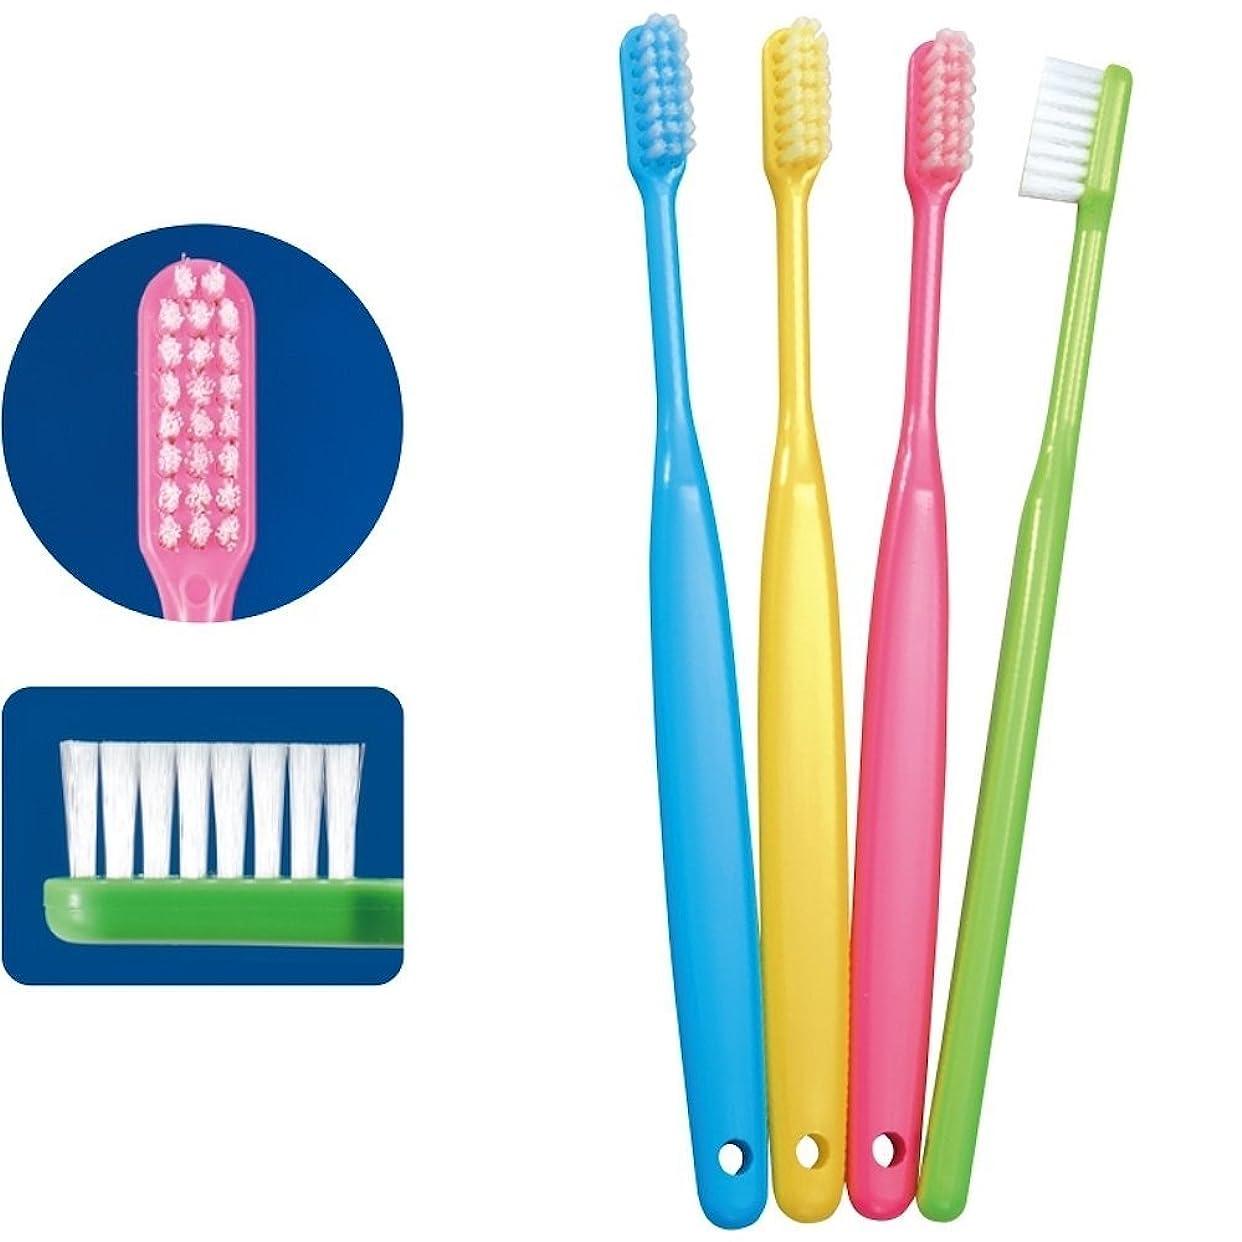 モロニックアヒル約束する歯科医院専売 Ci バリュー 歯ブラシ M(ふつう) 4色アソート (12本)